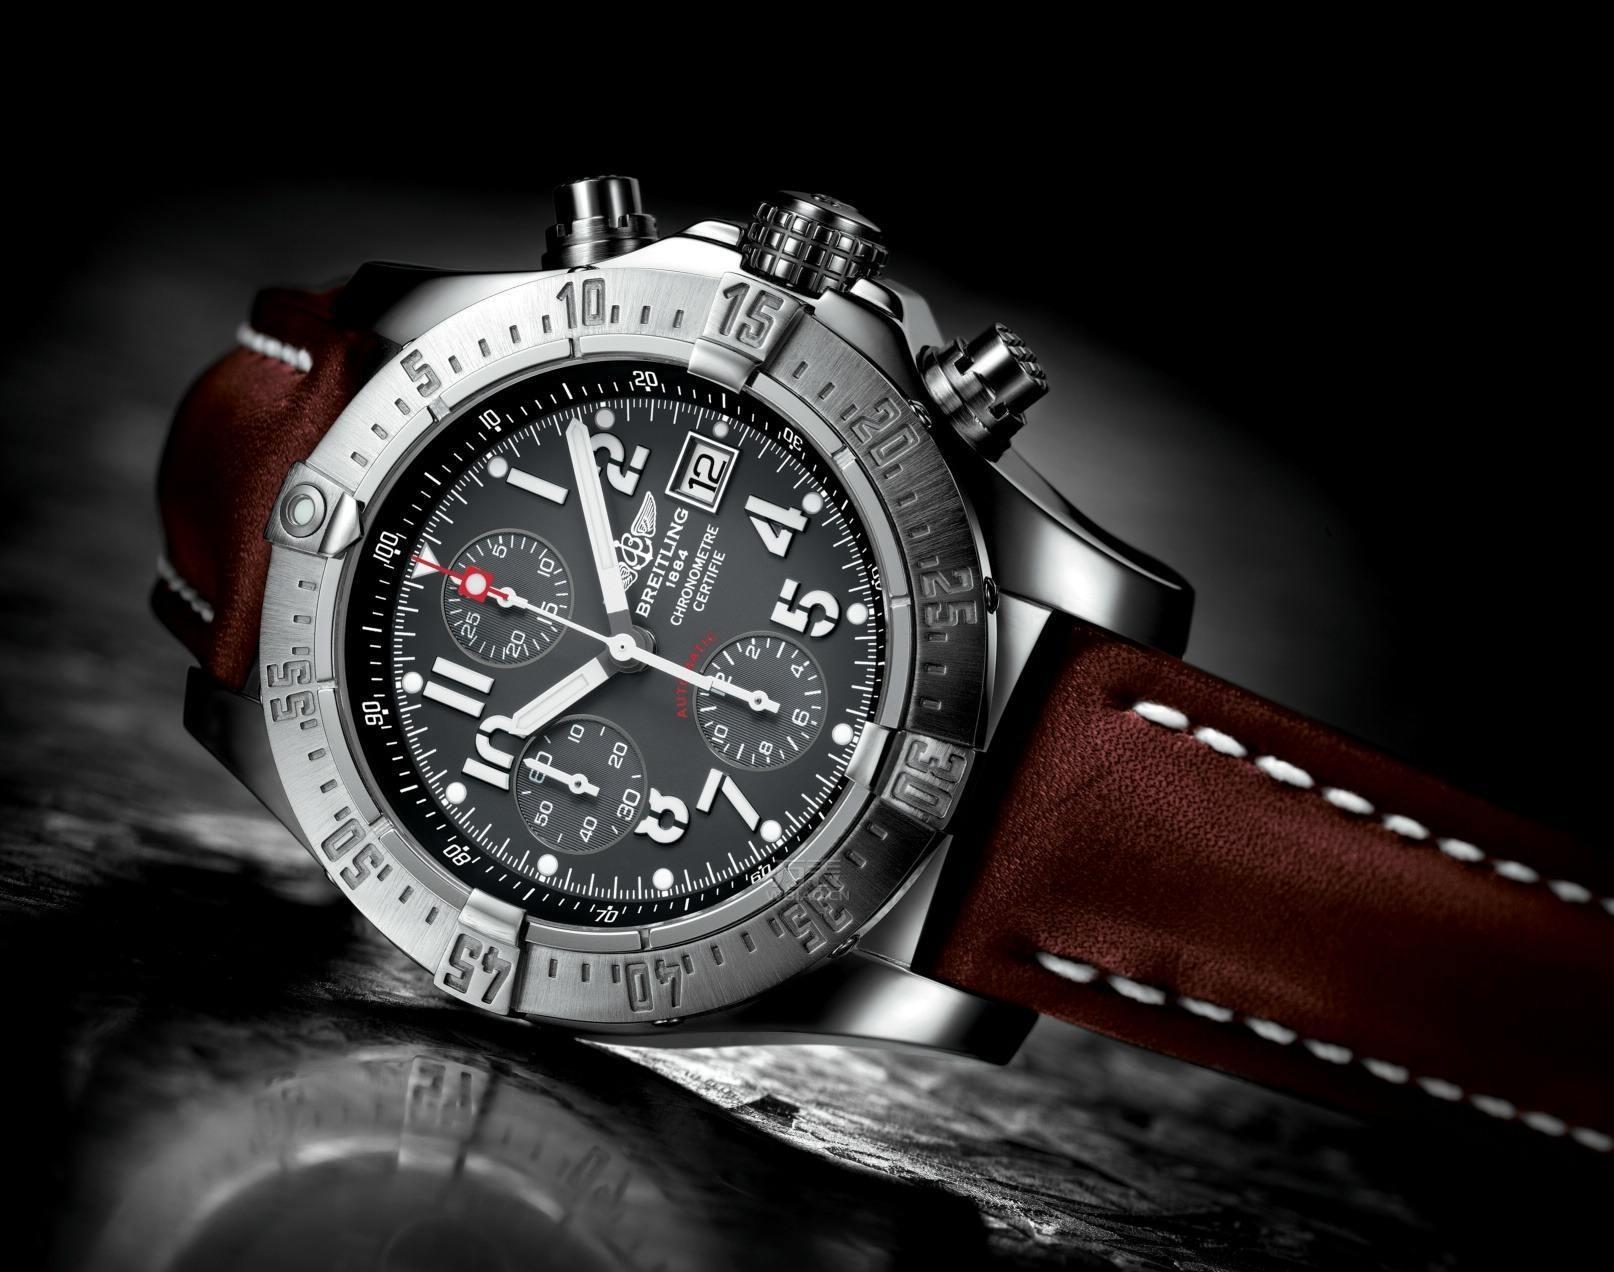 百年灵手表如何保养?百年灵手表的保养方法介绍